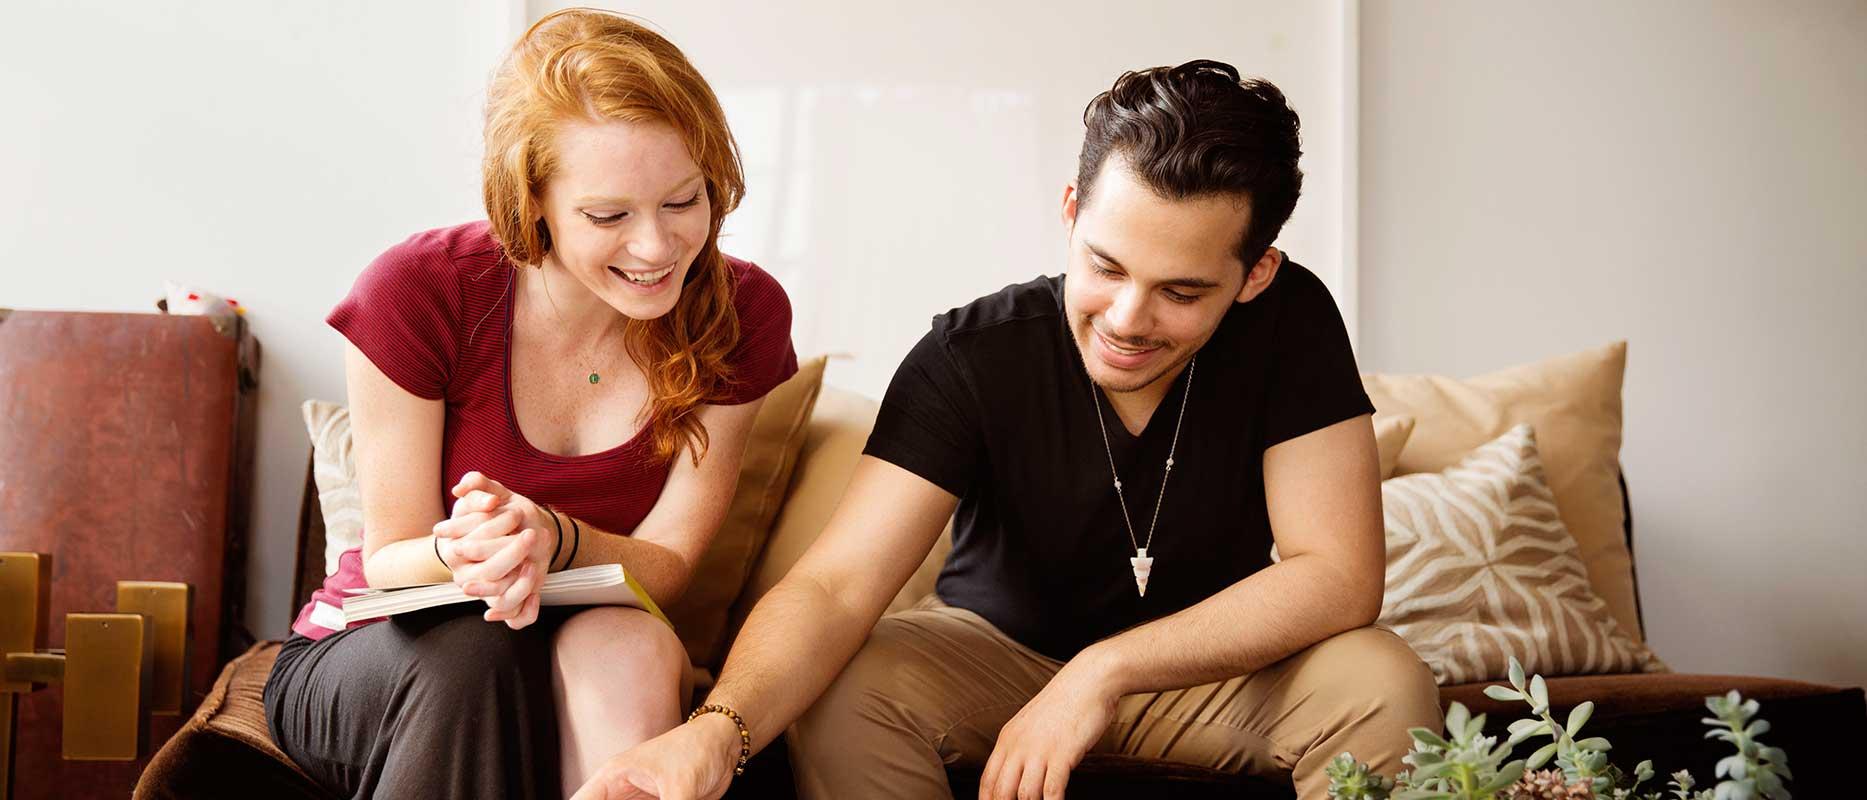 vad man kan förvänta sig efter ett år av dating